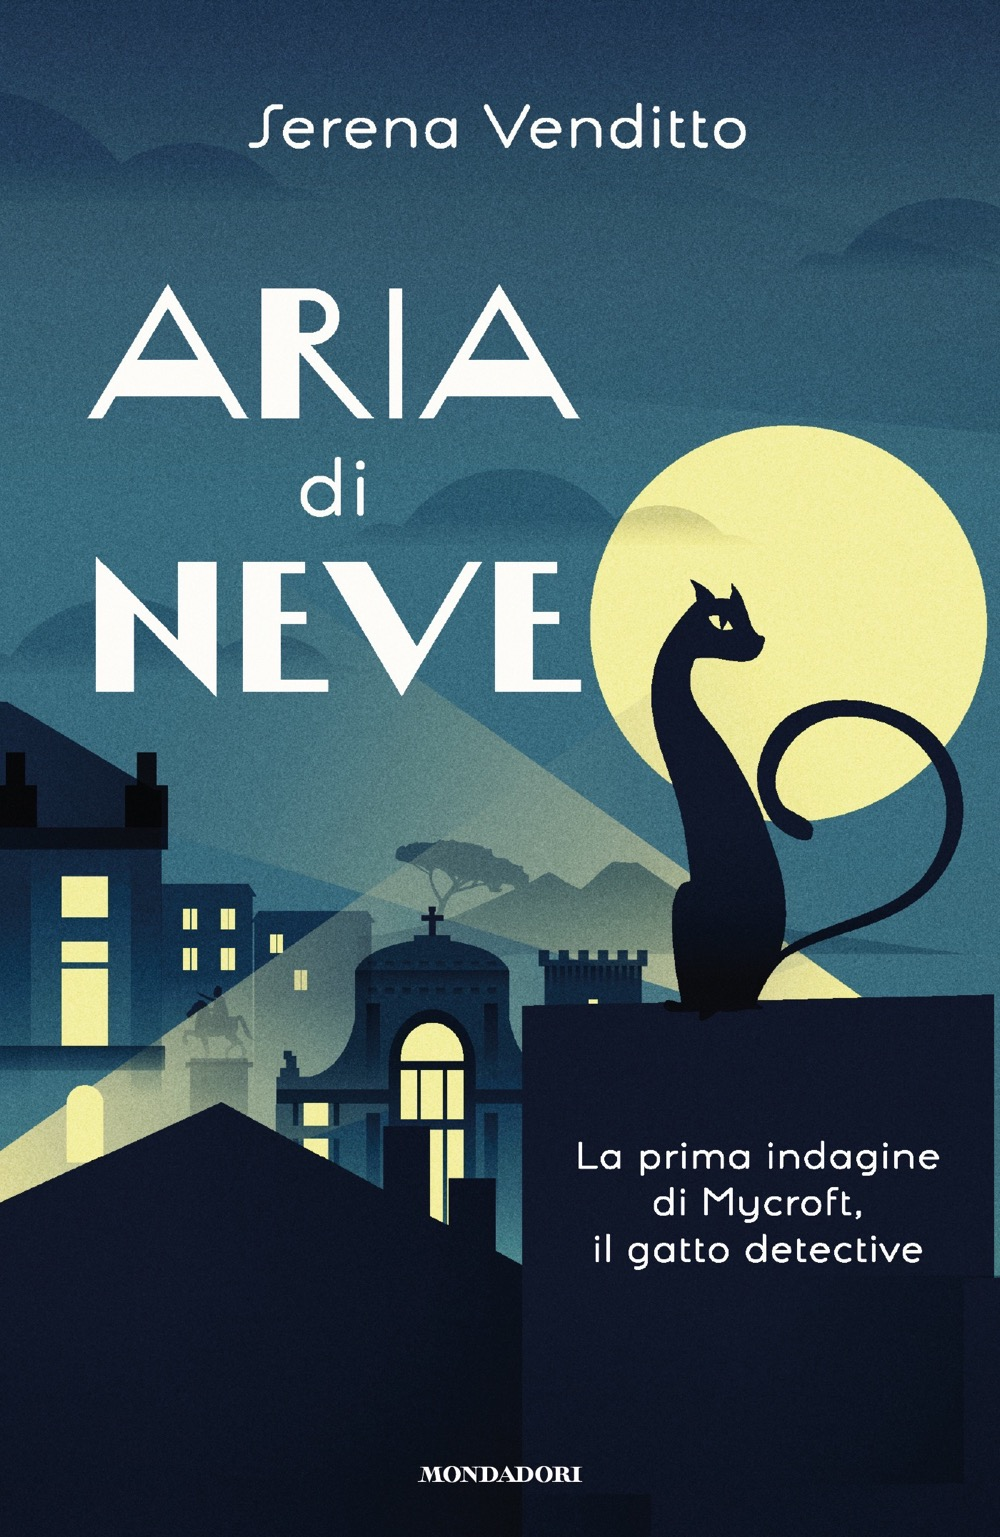 """Risultati immagini per """"Aria di neve"""" di Serena Venditto (Mondadori)"""